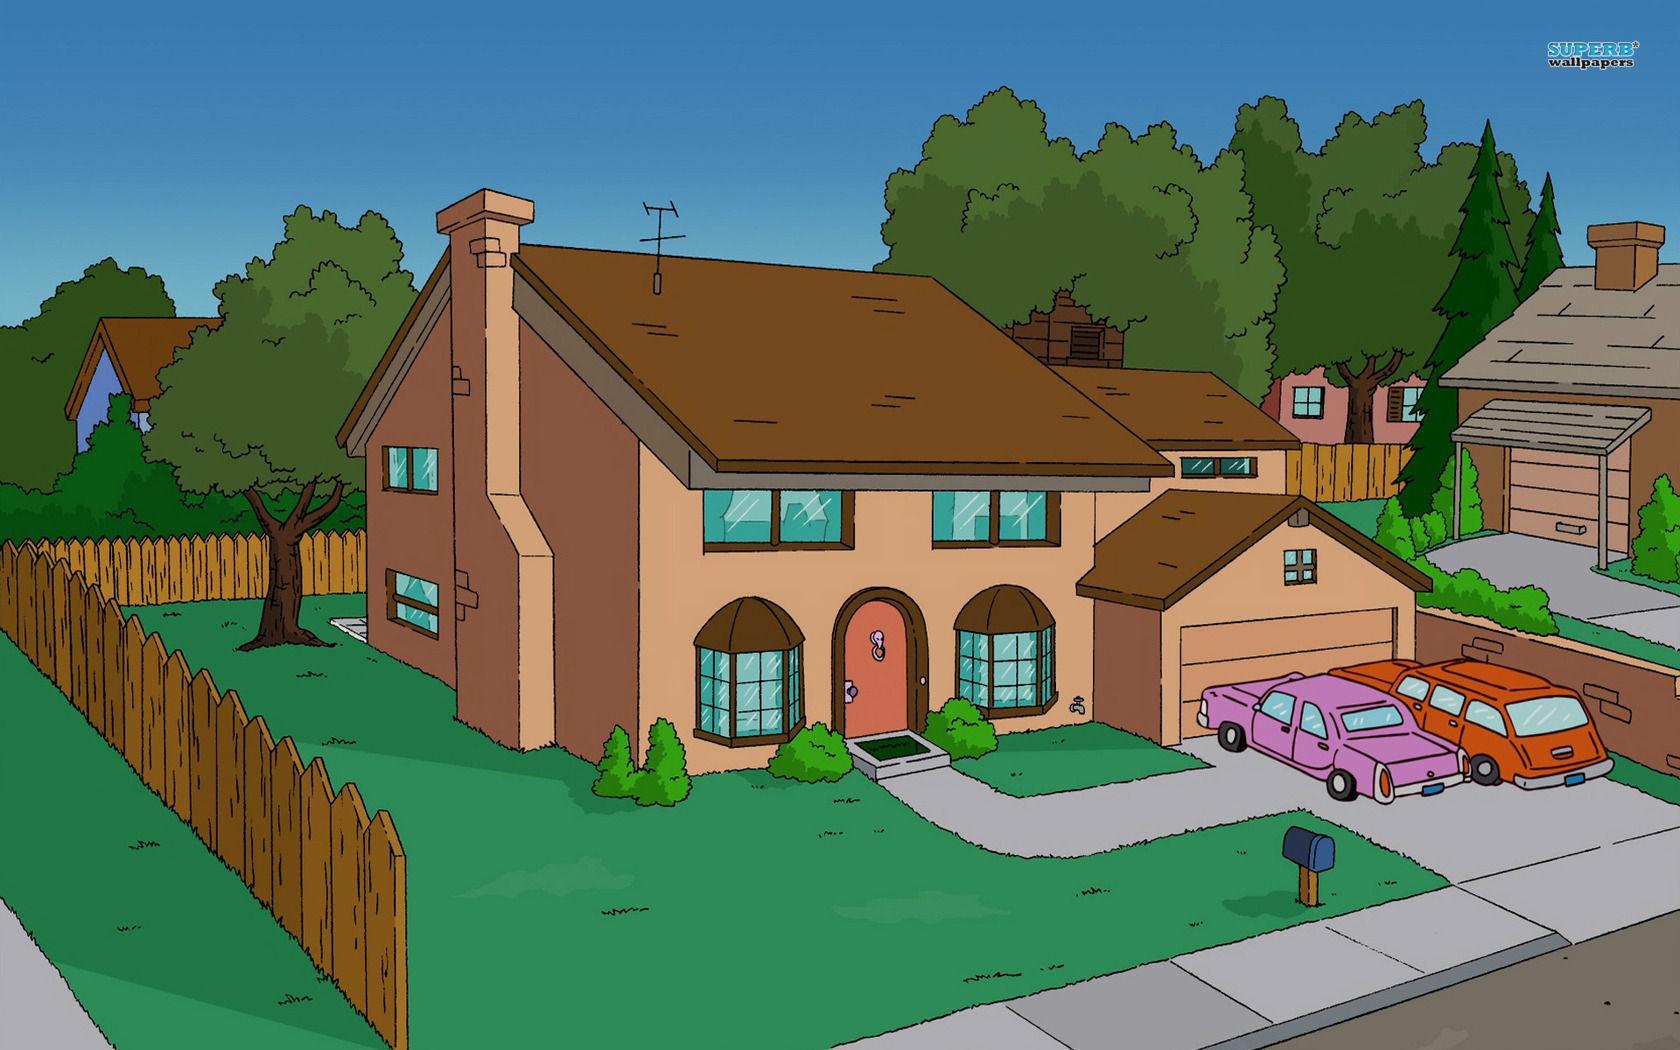 ¿Cuál es la dirección de los Simpsons?